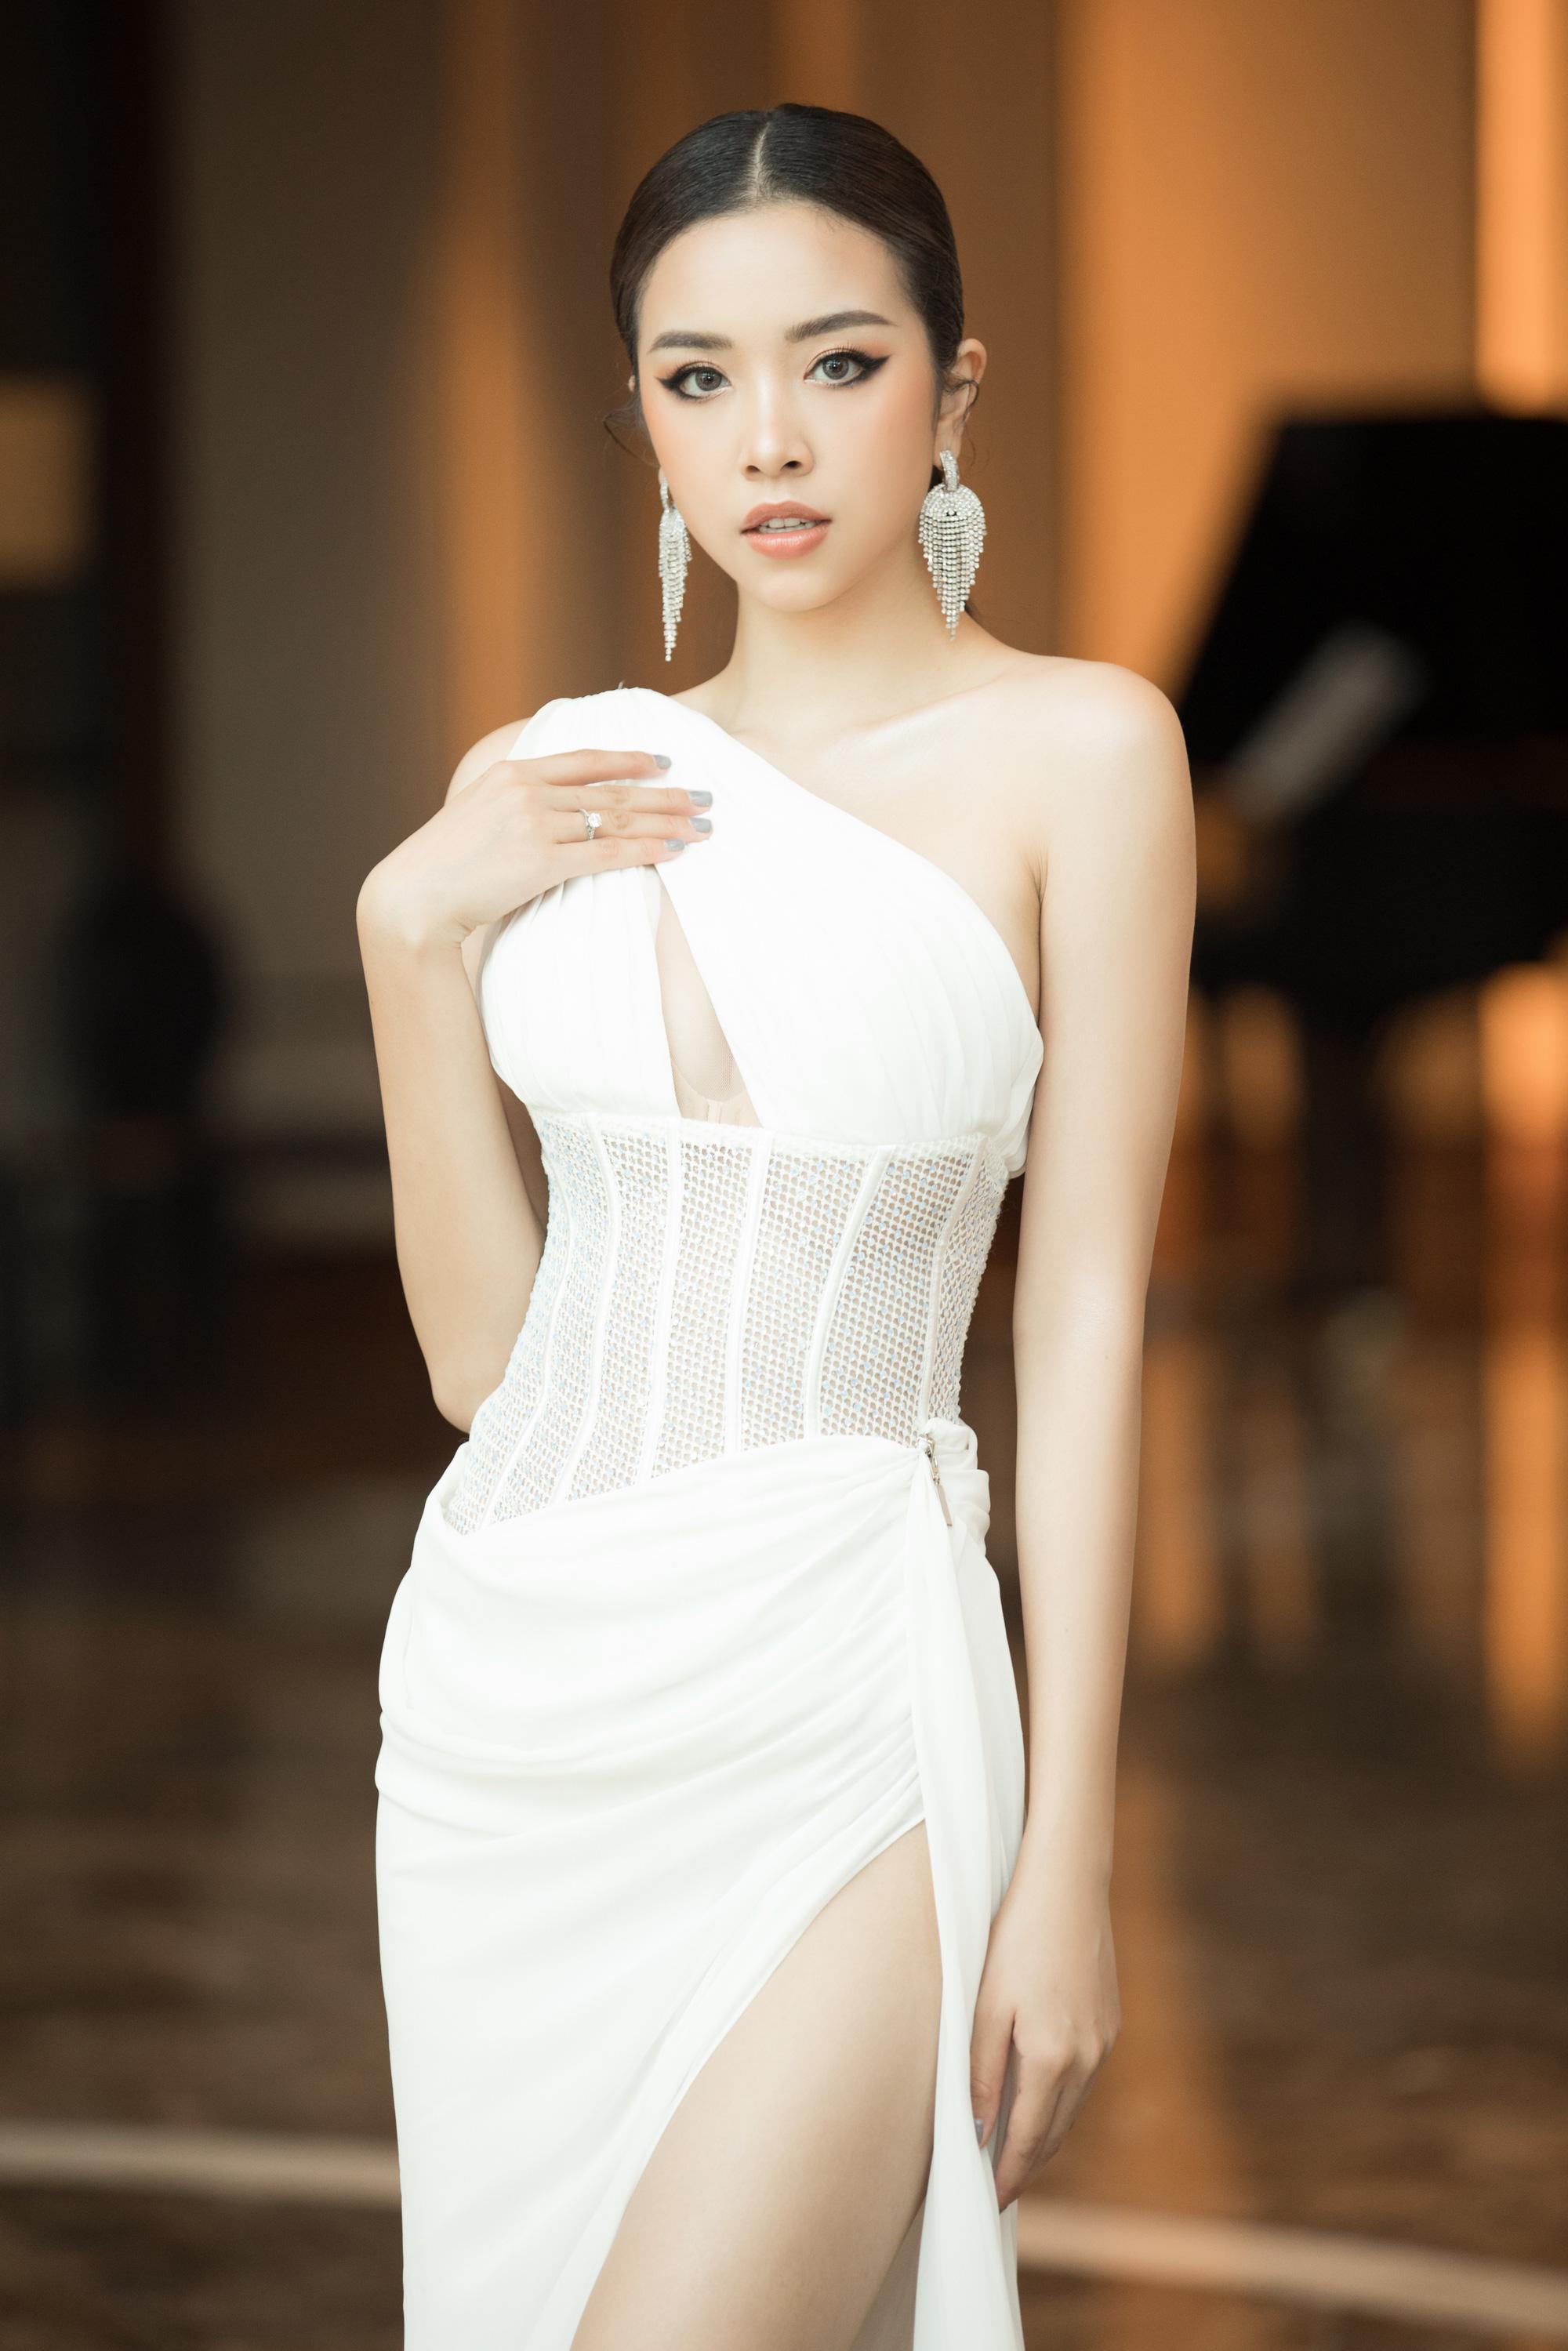 4 Hoa hậu quyến rũ hút mắt nhờ váy xẻ cao, khoét lưng táo tạo: Lương Thùy Linh, Đỗ Thị Hà... - Ảnh 8.